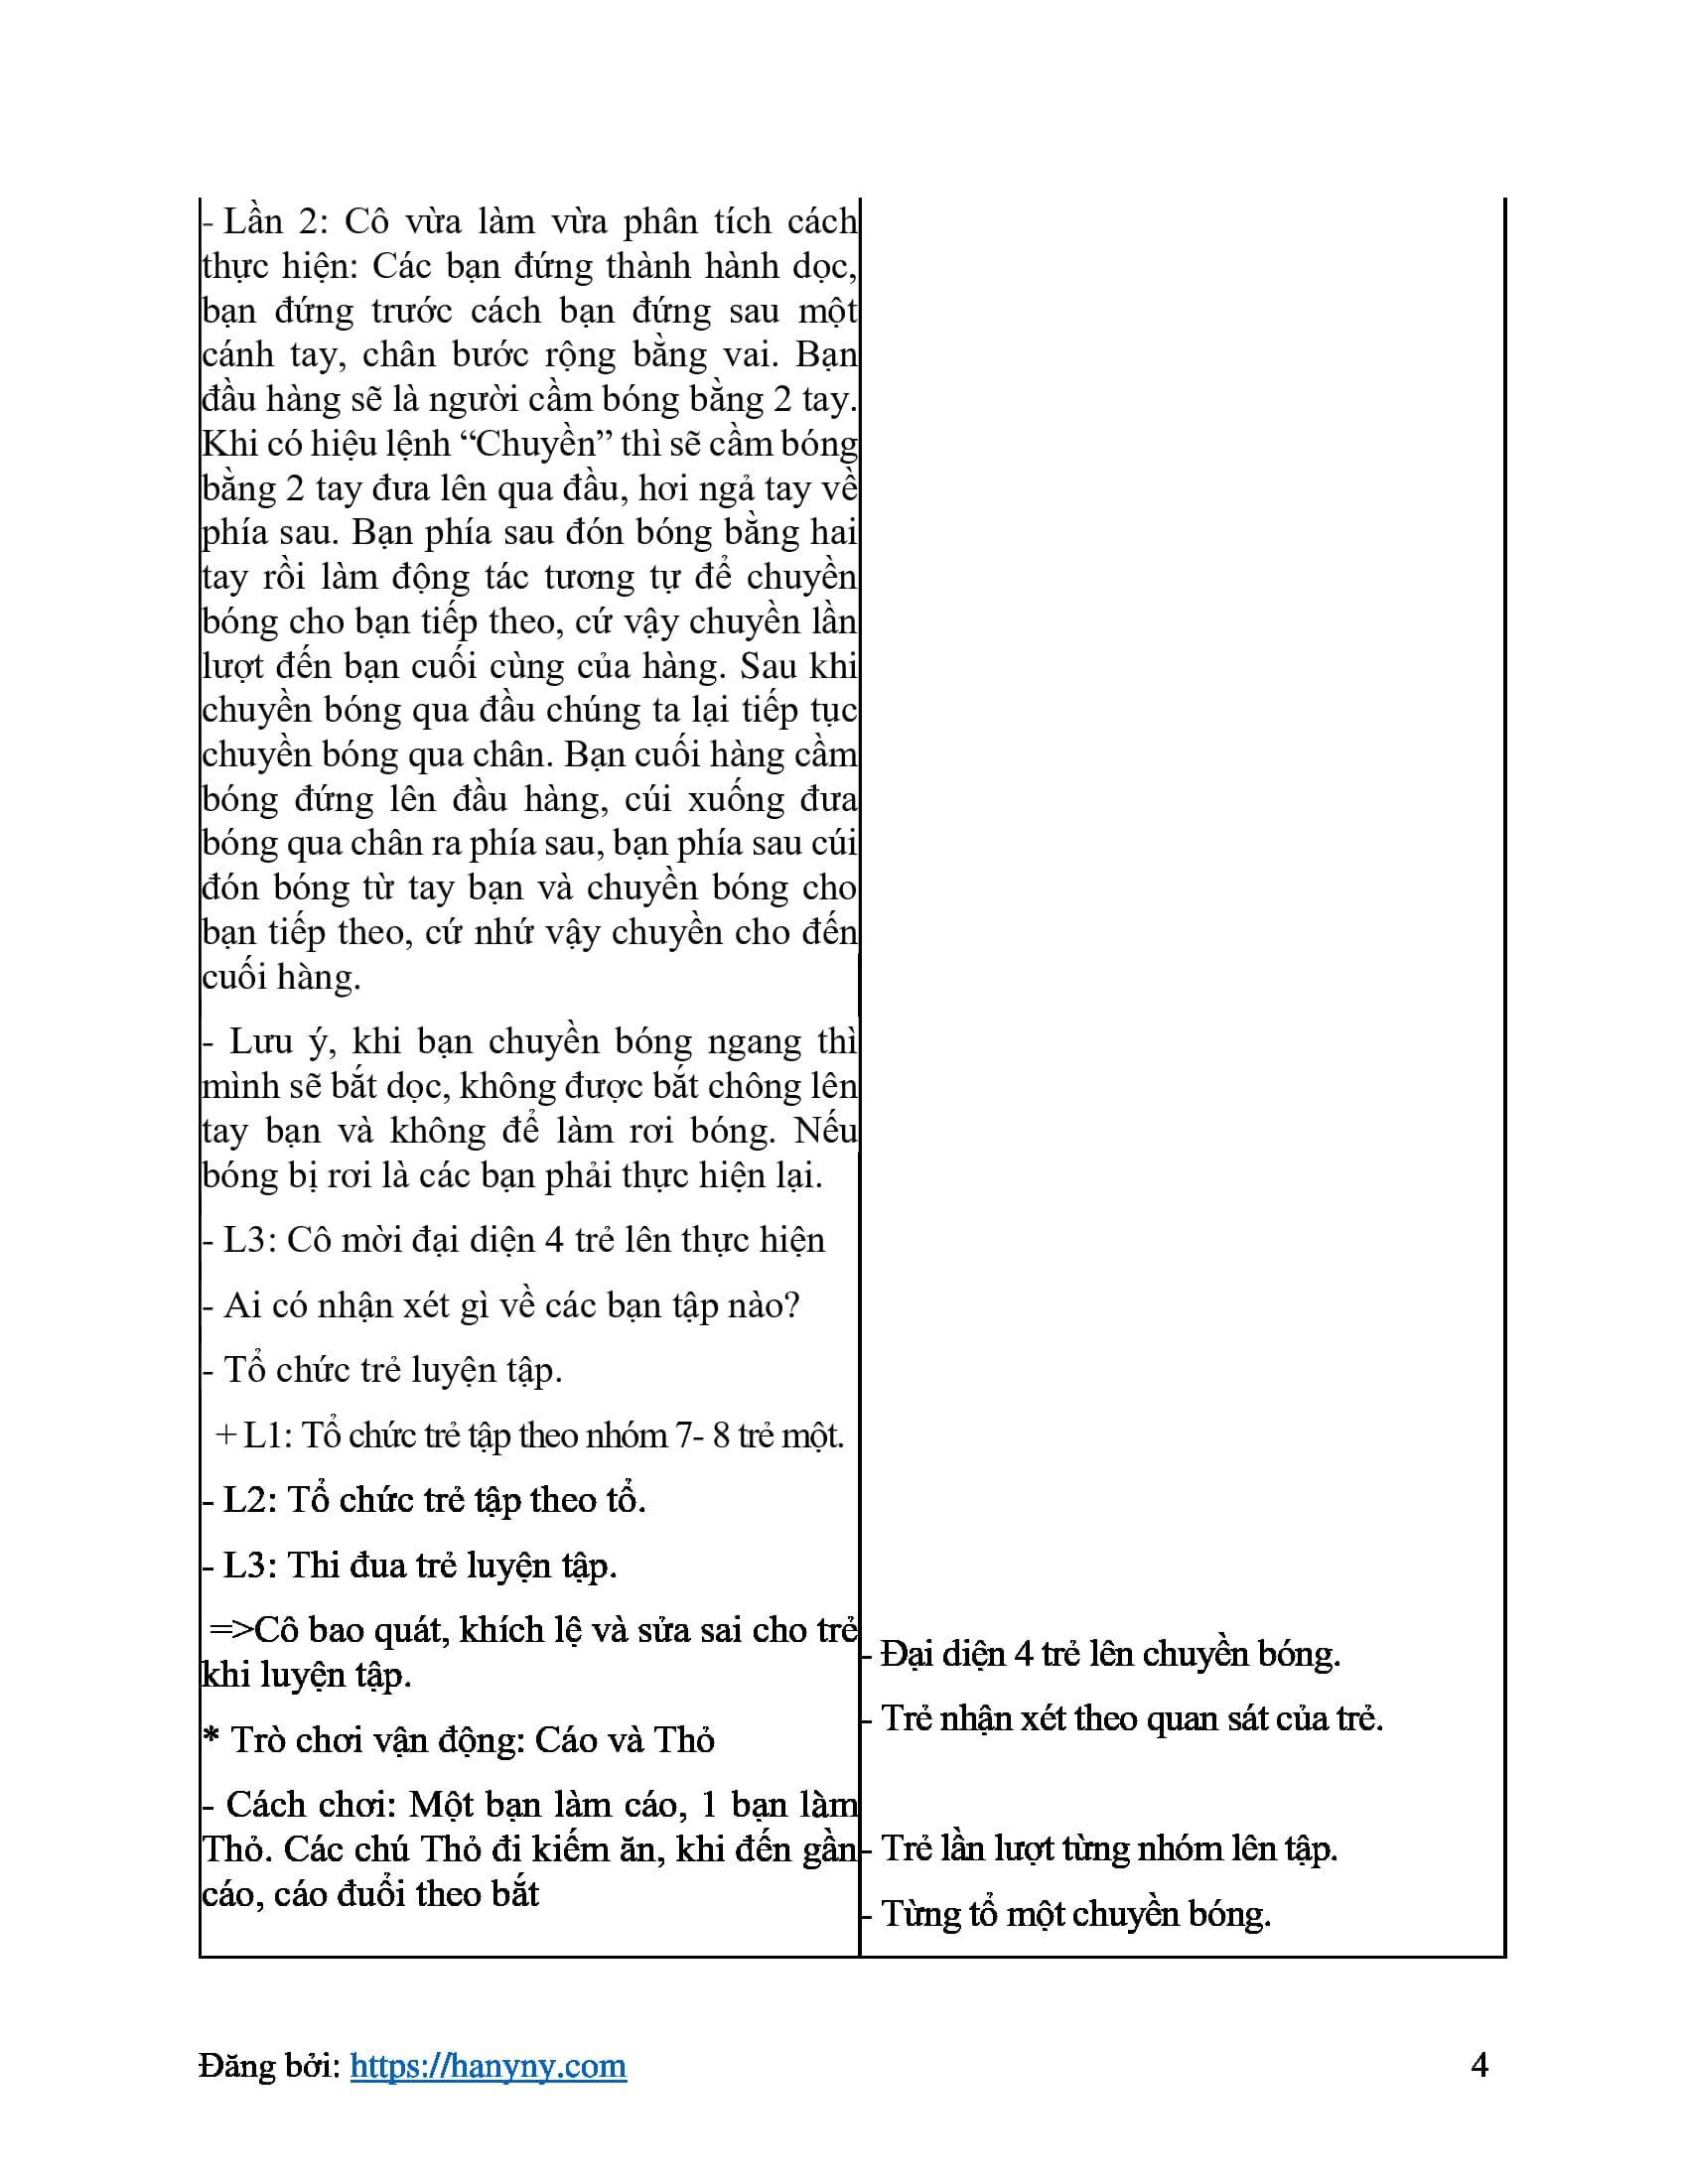 Giáo án mầm non chuyền bắt bóng qua đầu qua chân_trang3